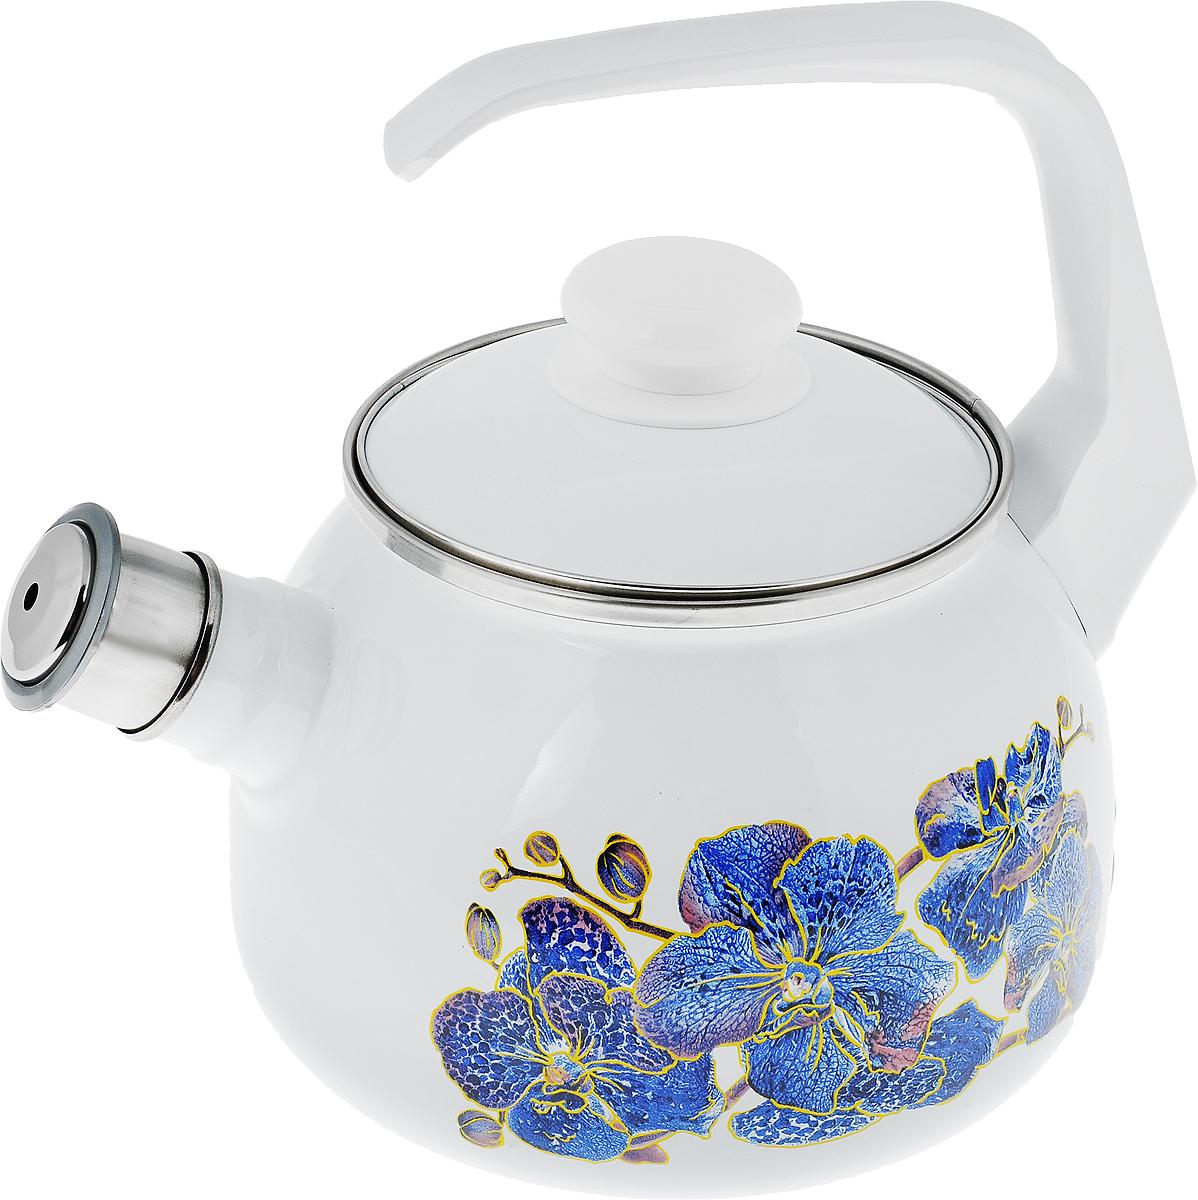 """Чайник Лысьвенские эмали """"Орхидея"""" выполнен из  высококачественной стали, покрытой эмалью. Такое  покрытие защищает сталь от коррозии, придает посуде  гладкую стекловидную поверхность и надежно защищает  от кислот и щелочей. Носик чайника оснащен свистком,  звуковой сигнал которого подскажет, когда закипит вода.  Чайник оснащен фиксированной ручкой из пластика и  крышкой, которая плотно прилегает к краю. Внешние  стенки декорированы красочным изображением цветов.   Эстетичный и функциональный чайник будет  оригинально смотреться в любом интерьере.  Подходит для газовых, электрических,  стеклокерамических и индукционных плит. Можно мыть в  посудомоечной машине.  Диаметр (по верхнему краю): 13,5 см. Высота чайника (с учетом ручки): 23 см. Высота чайника (без учета ручки и крышки): 14 см."""